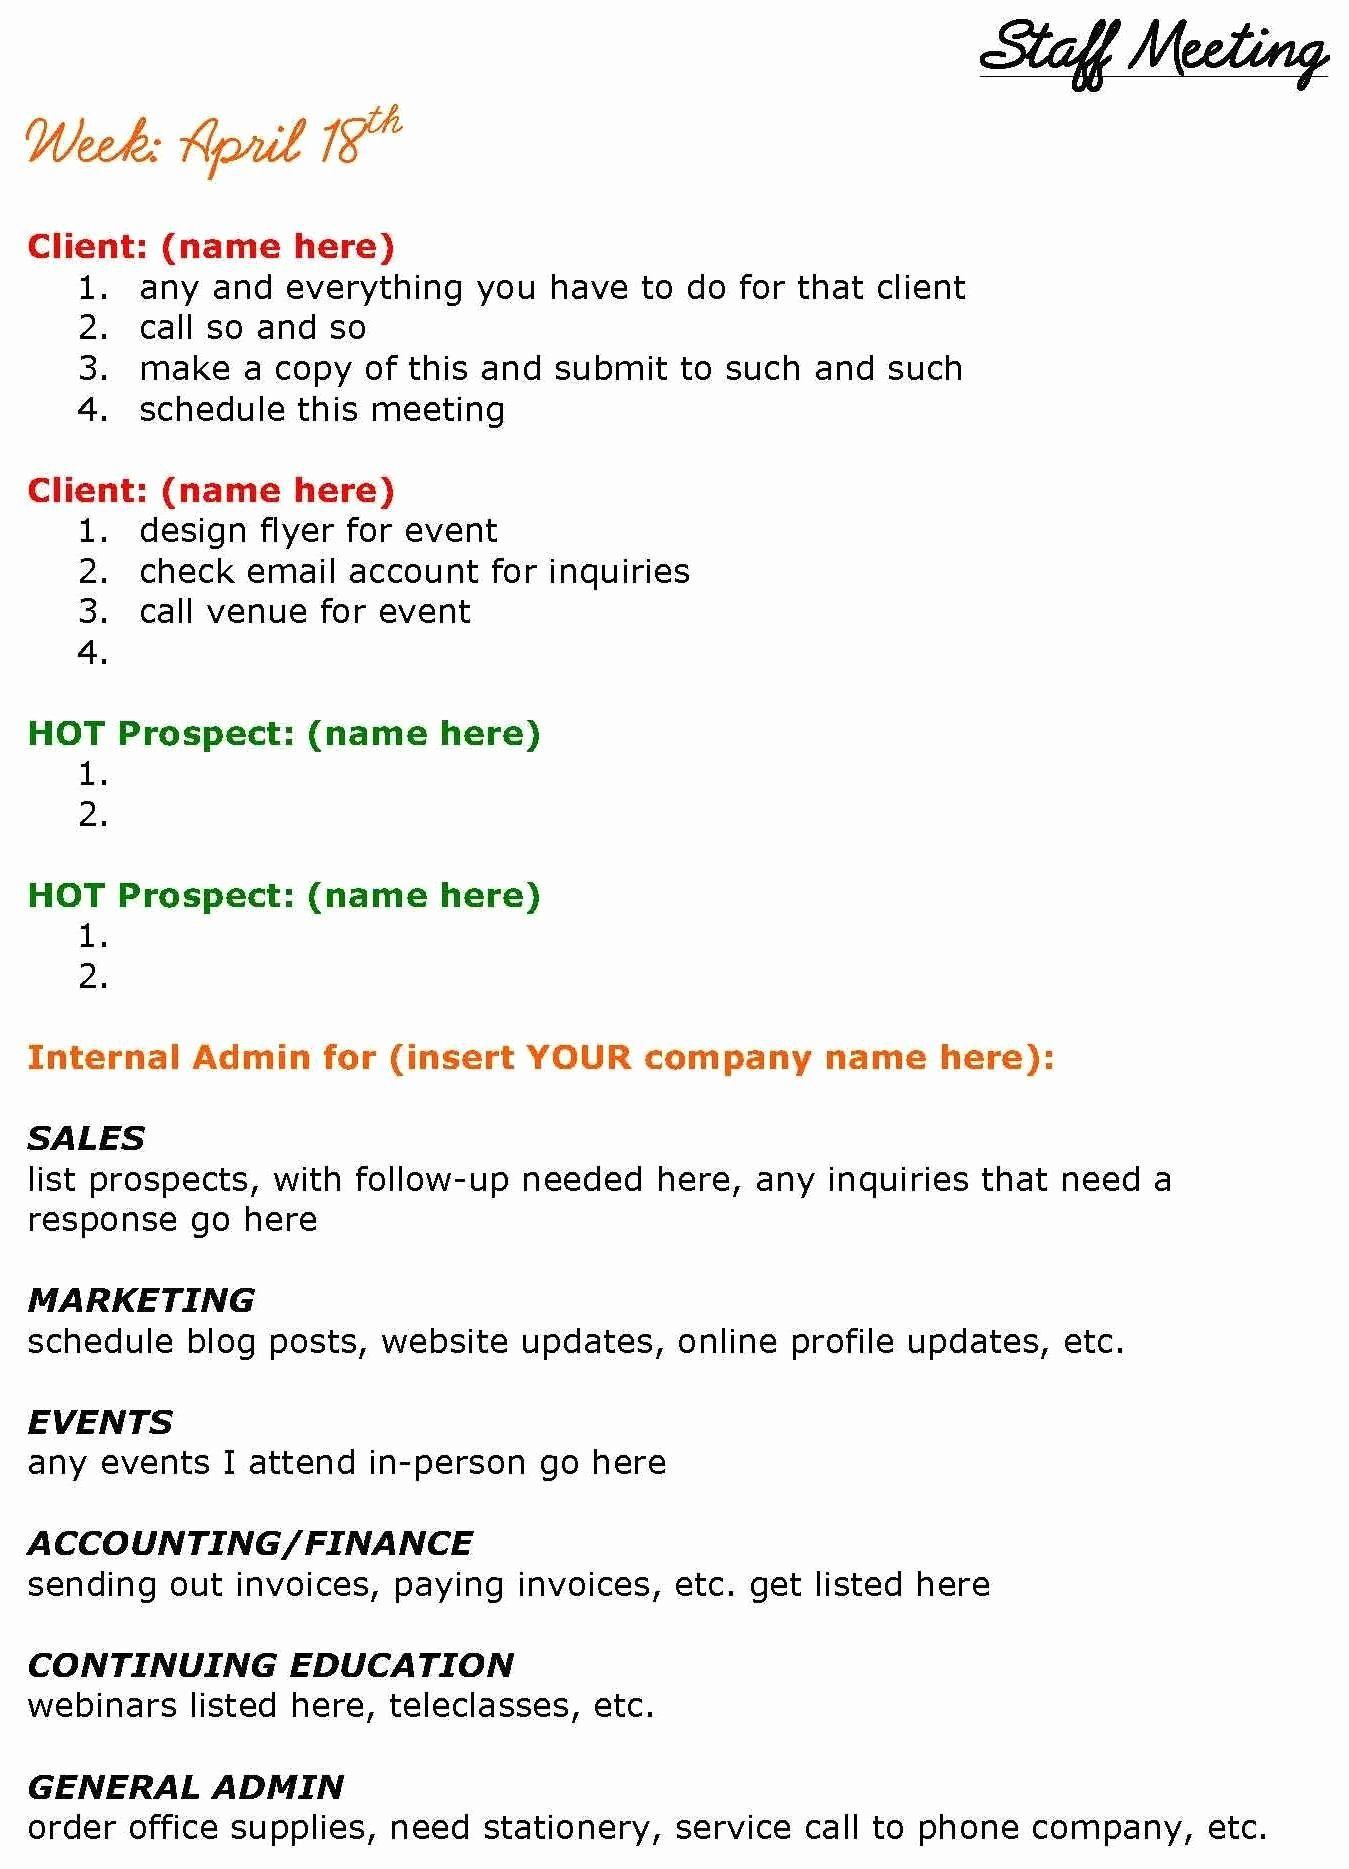 Staff Meetings Agenda Template Best Of Solopreneurs Need Staff Meetings Too See This Staff Meeting Agenda Agenda Template Meeting Agenda Template